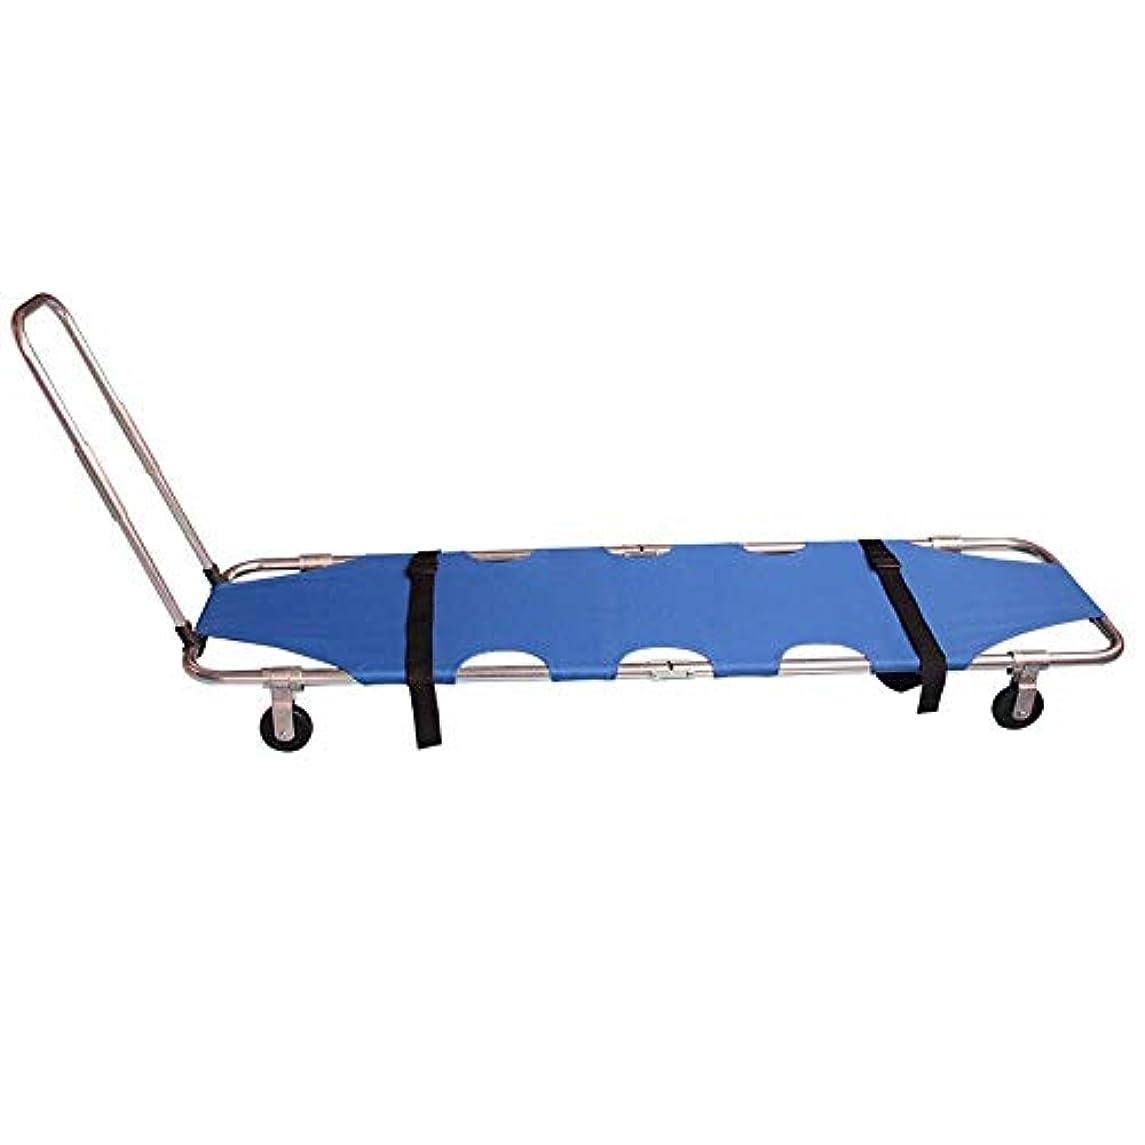 会計士中国鋼緊急救助ストレッチャー、病院、クリニック、ホームなどのための4つの車輪とシートベルトを備えたフラット折りたたみ式ポータブルストレッチャー